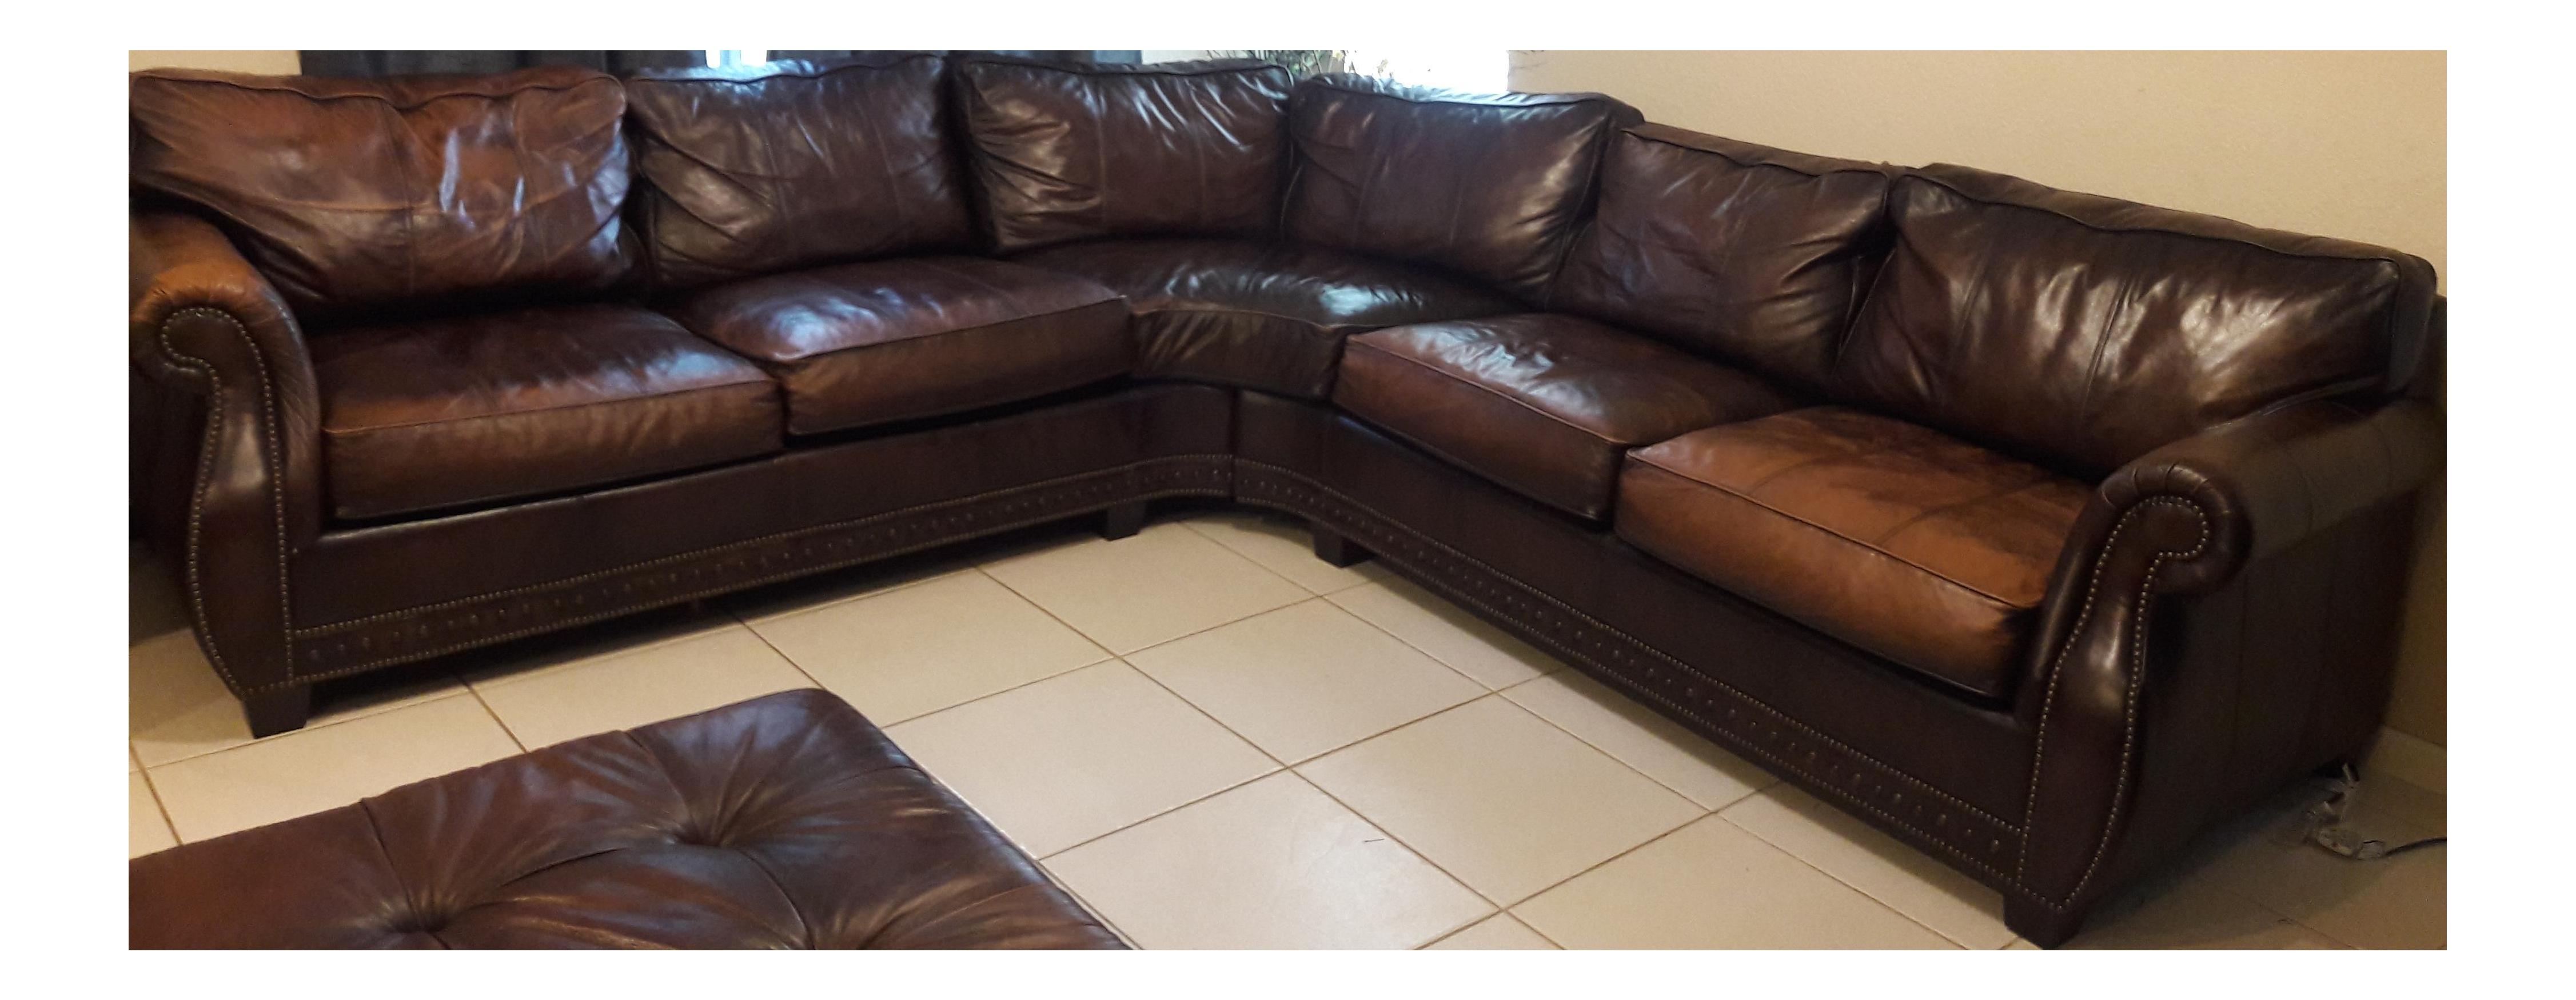 Sensational Bernhardt Grandview Sectional Leather Sofa Home Interior And Landscaping Eliaenasavecom